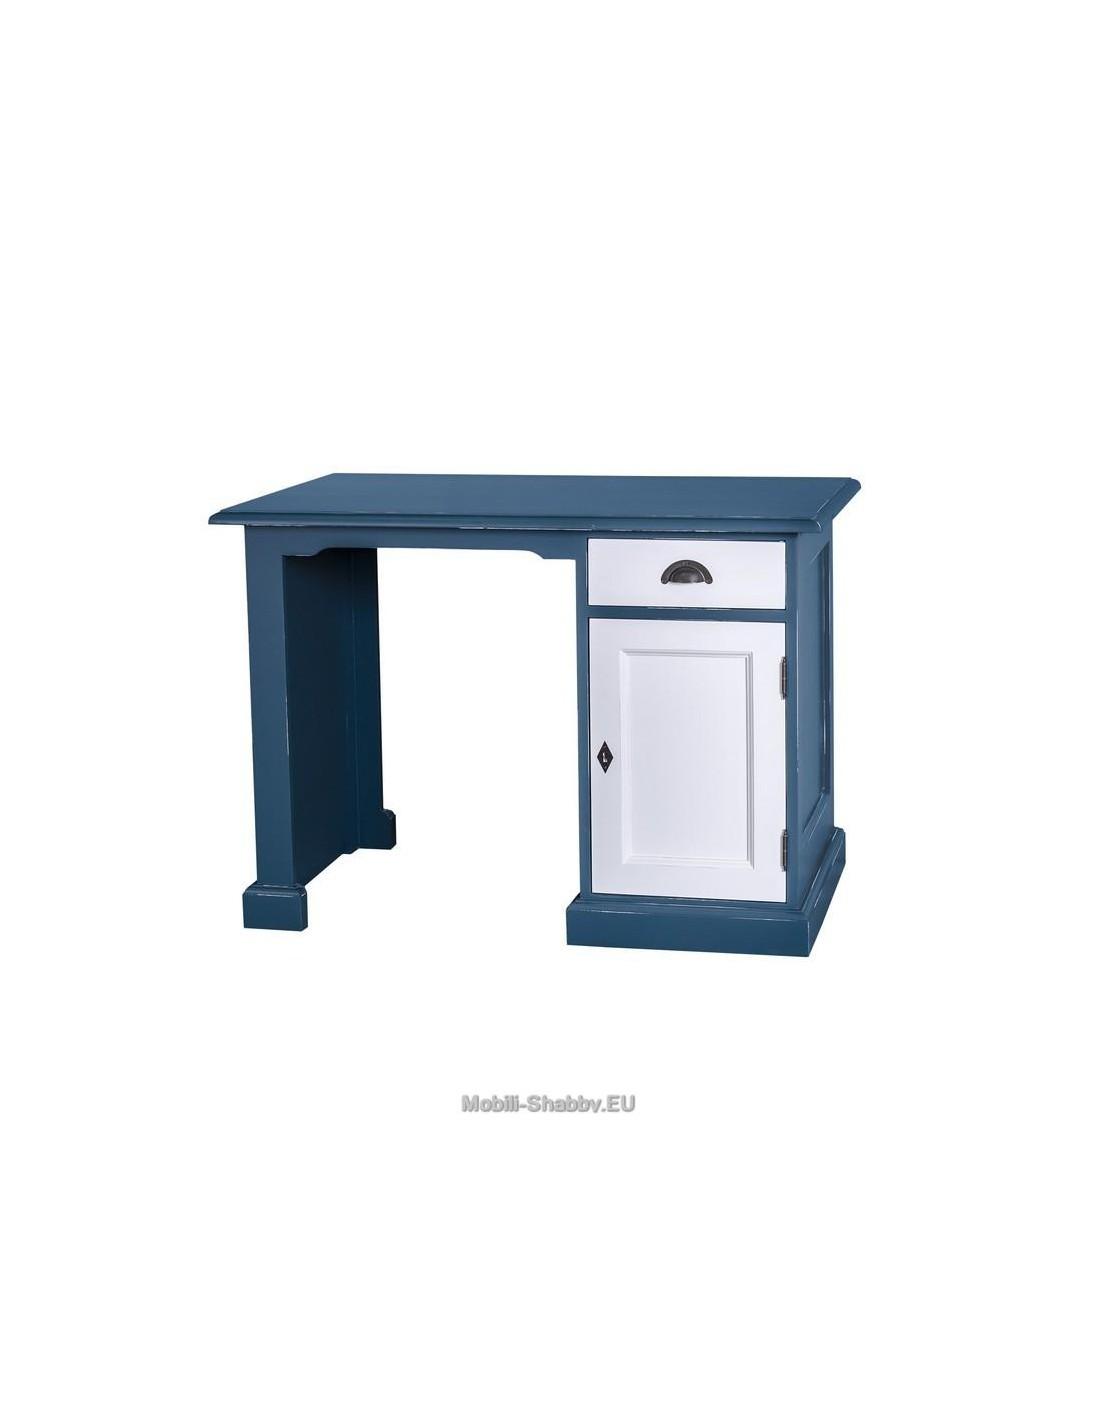 Scrivania ufficio legno massello colorato MS498 - Mobili-Shabby.EU ...